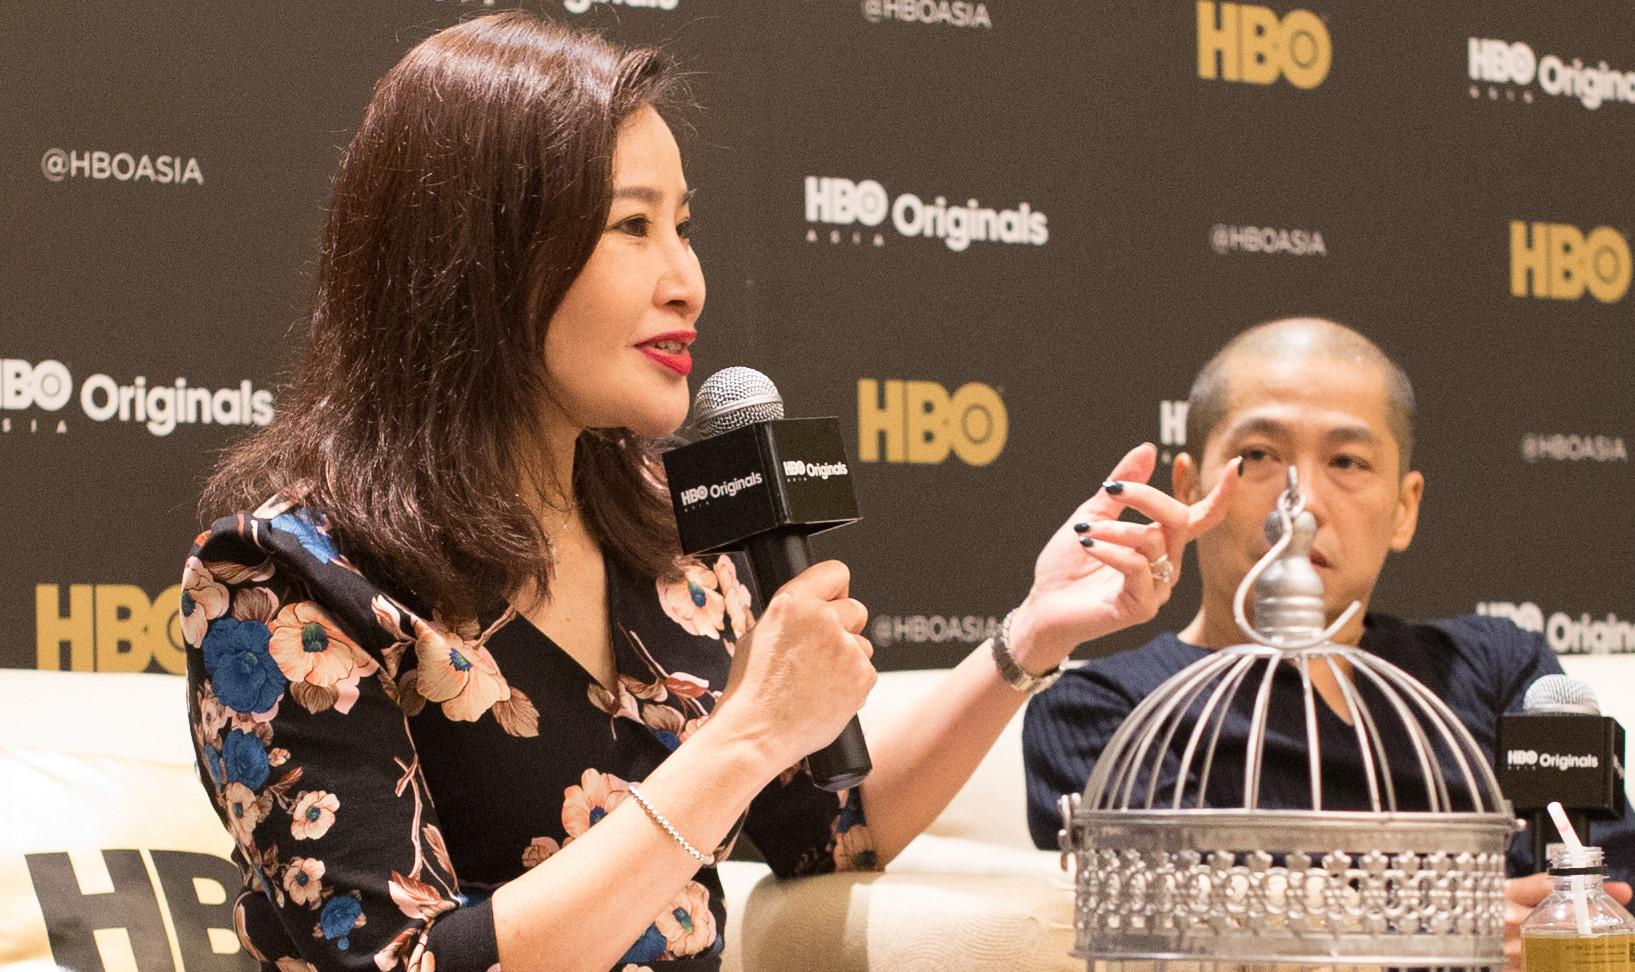 """Đại diện HBO châu Á: """"Truyền hình VN còn khoảng cách lớn với quốc tế"""""""